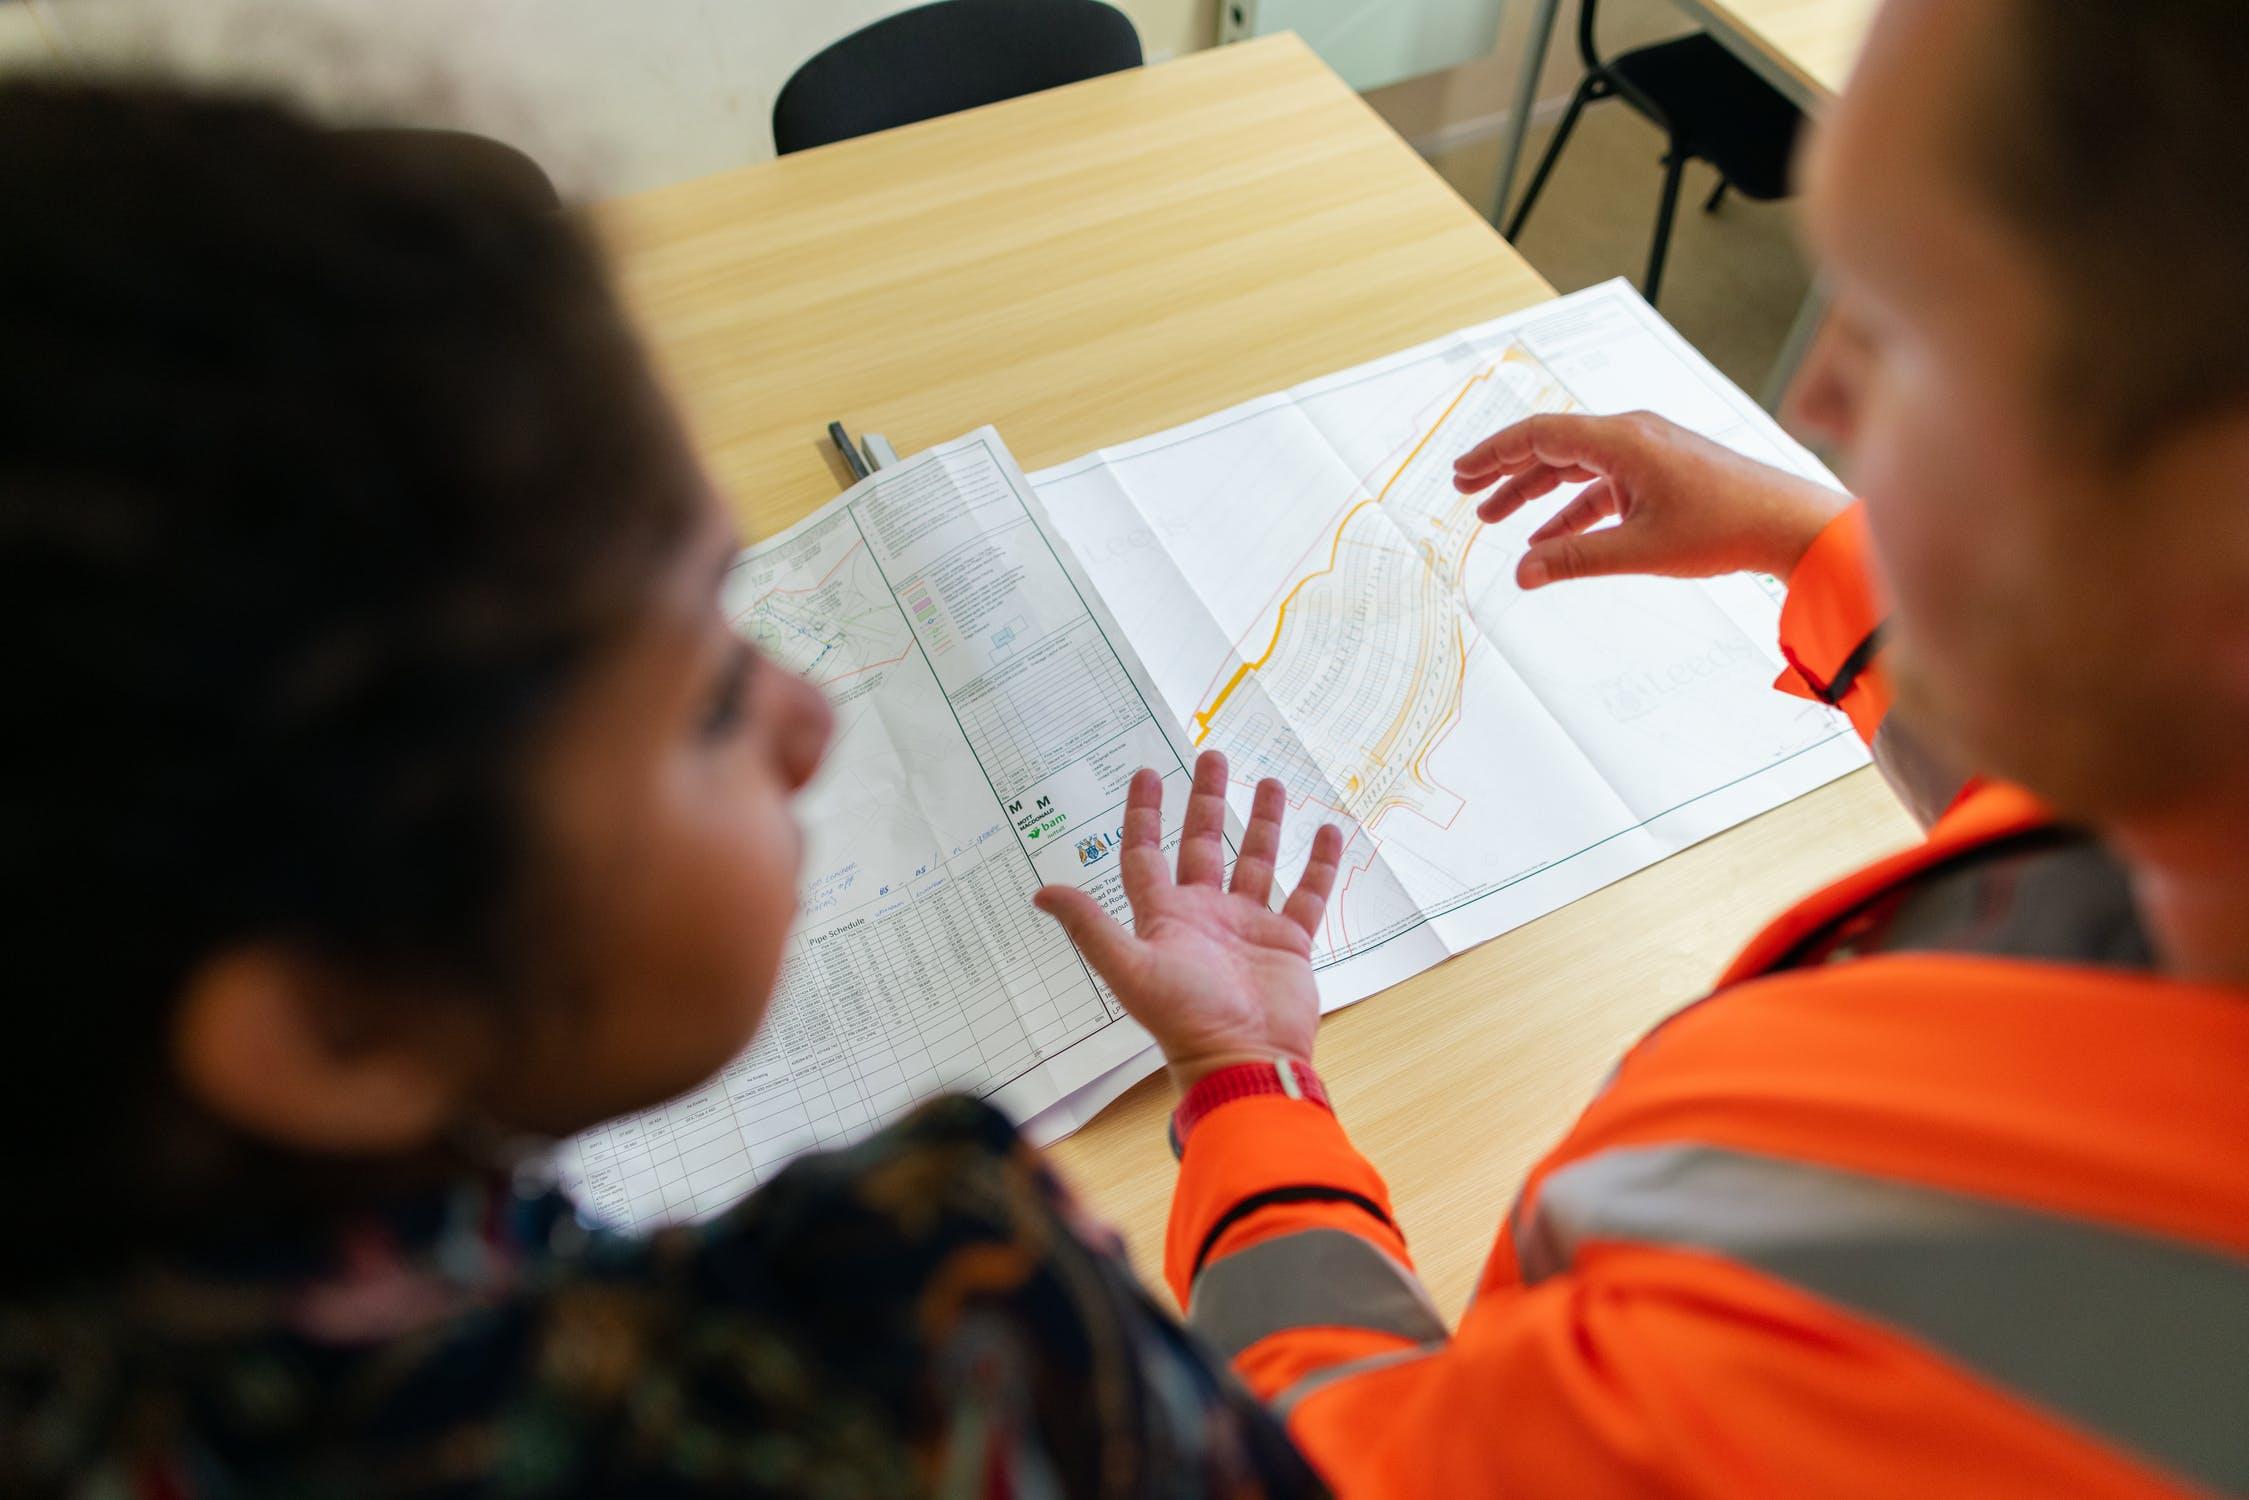 Técnico de Construção Civil - ETPS - FORMAÇÃO PROFISSIONAL